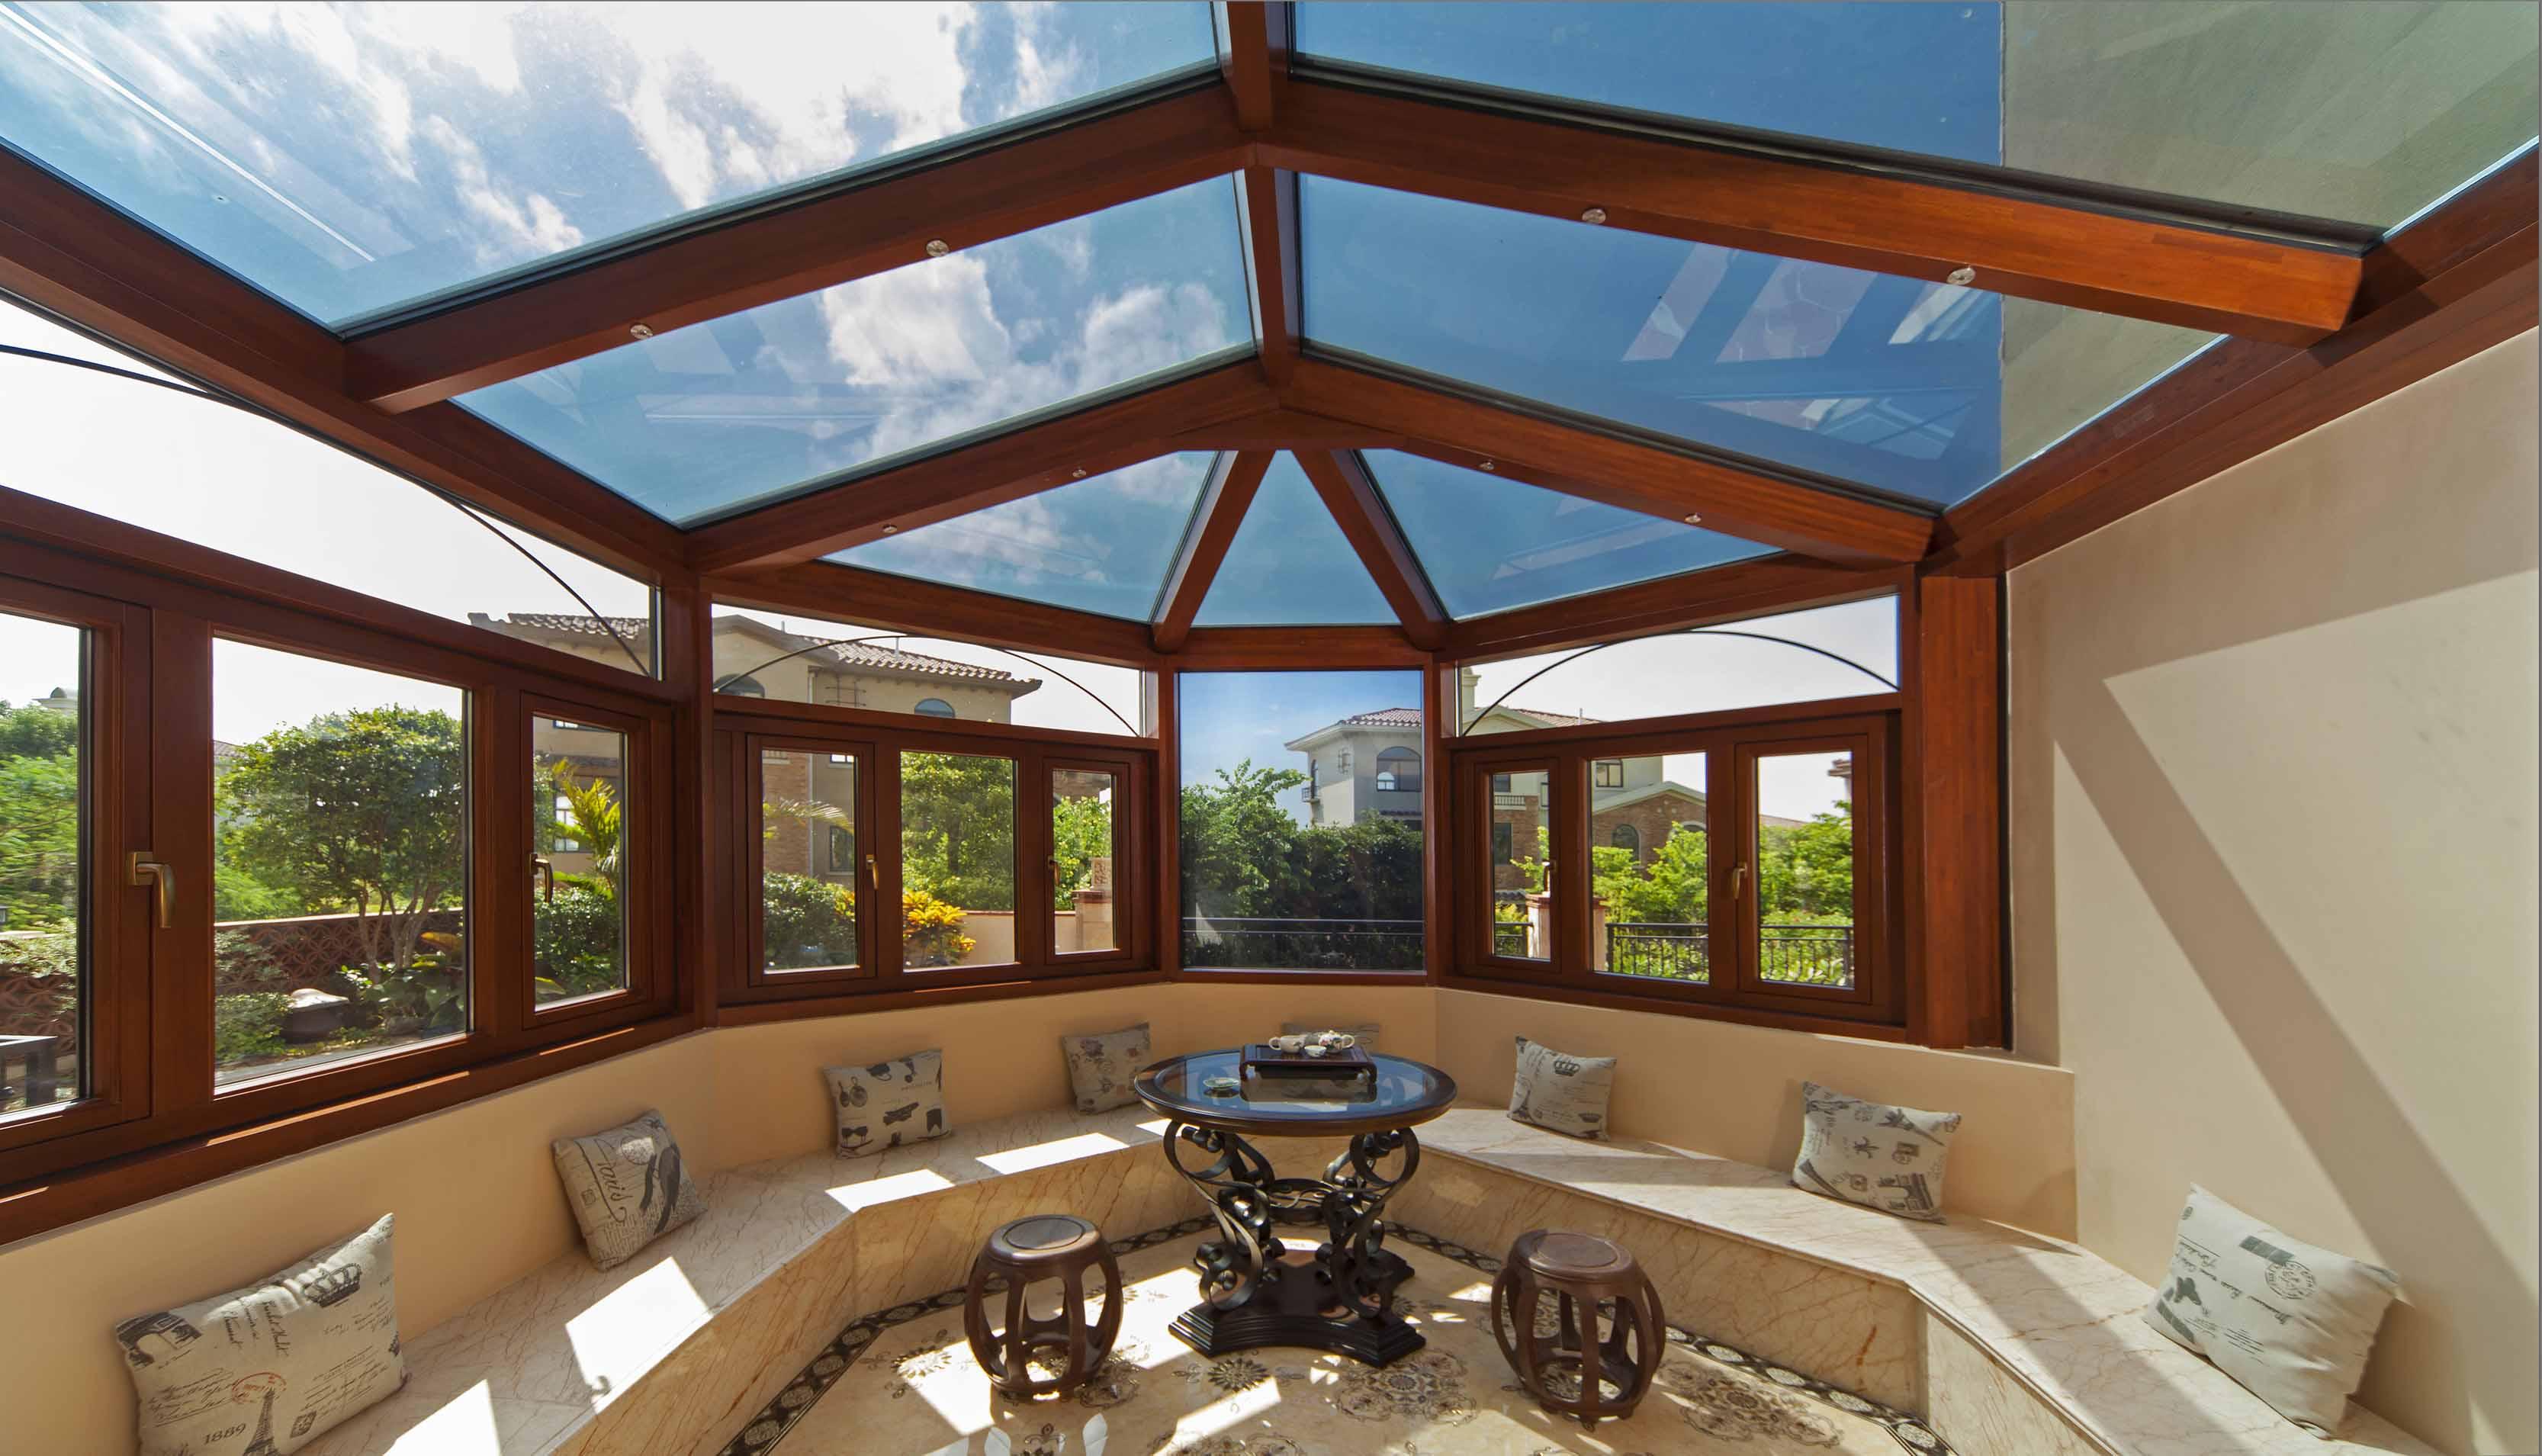 阳光房的设计风格 阳光房装修注意事项